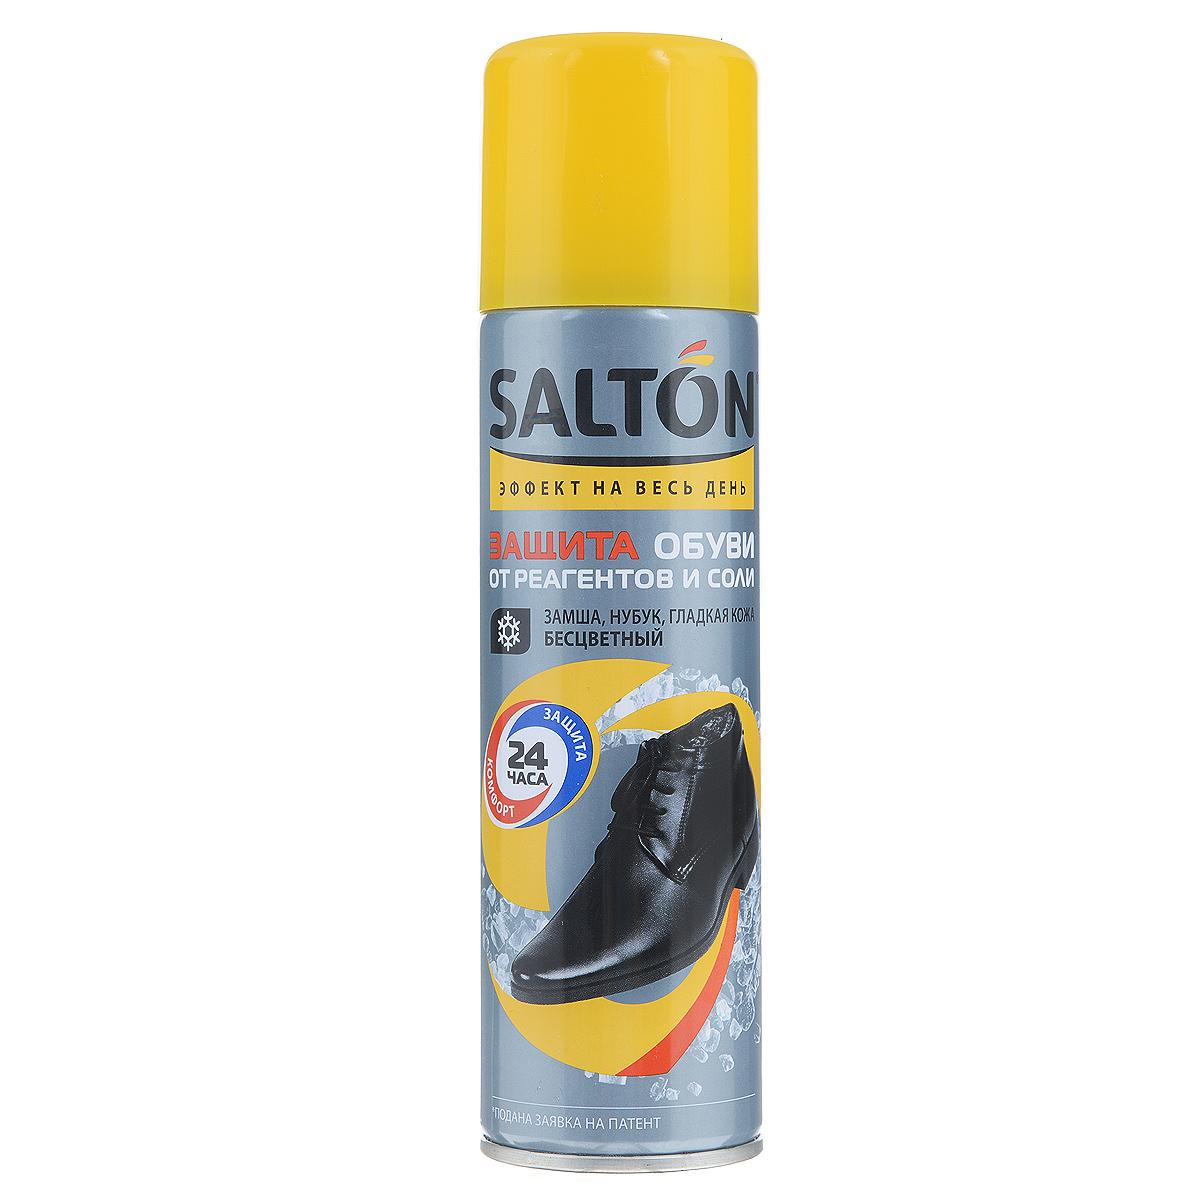 Защита обуви от реагентов и соли Salton, цвет: бесцветный, 250 мл26258582Средство Salton предназначено для предотвращения появления солевых разводов на поверхности обуви. Обеспечивает длительную защиту от воздействия антигололедных реагентов, снега, грязи и воды. Подходит для изделий из гладкой кожи, замши, велюра, нубука, текстиля и мембранных материалов. Не использовать для лаковой кожи! Состав: 5% но 30%: алифатический растворитель, пропеллент (бутан, изобутан, пропан).